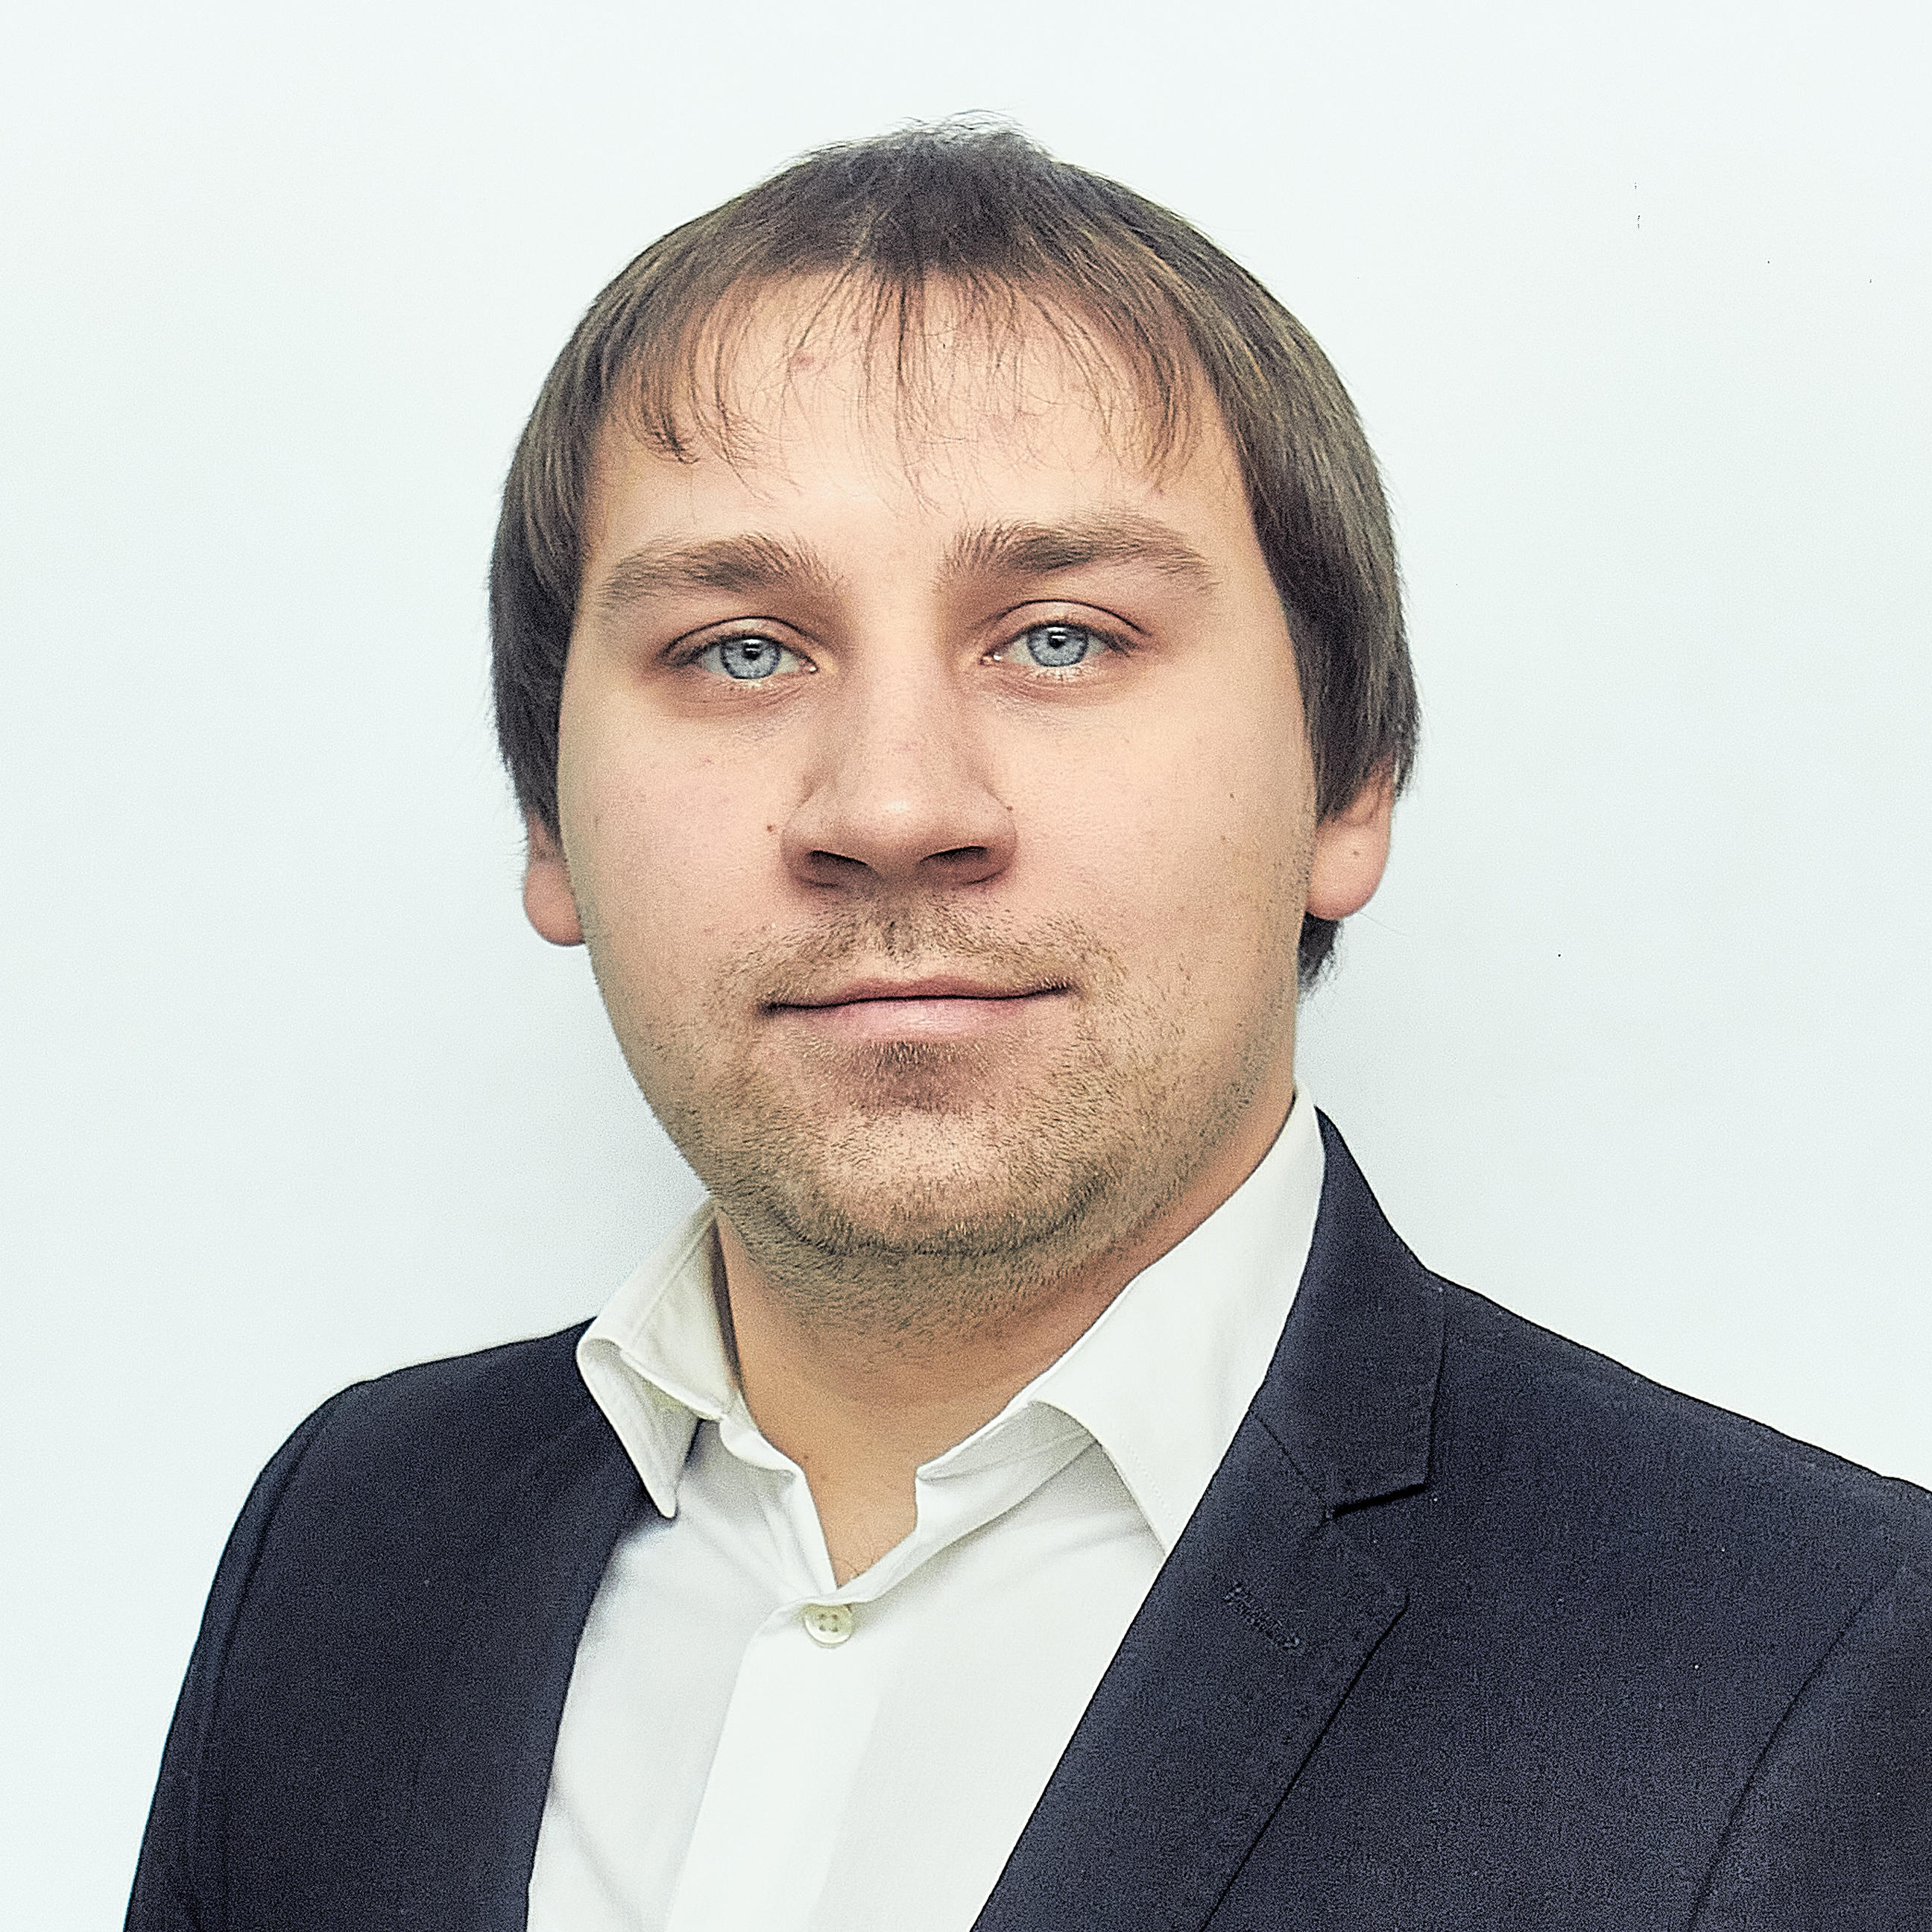 Могило Сергей